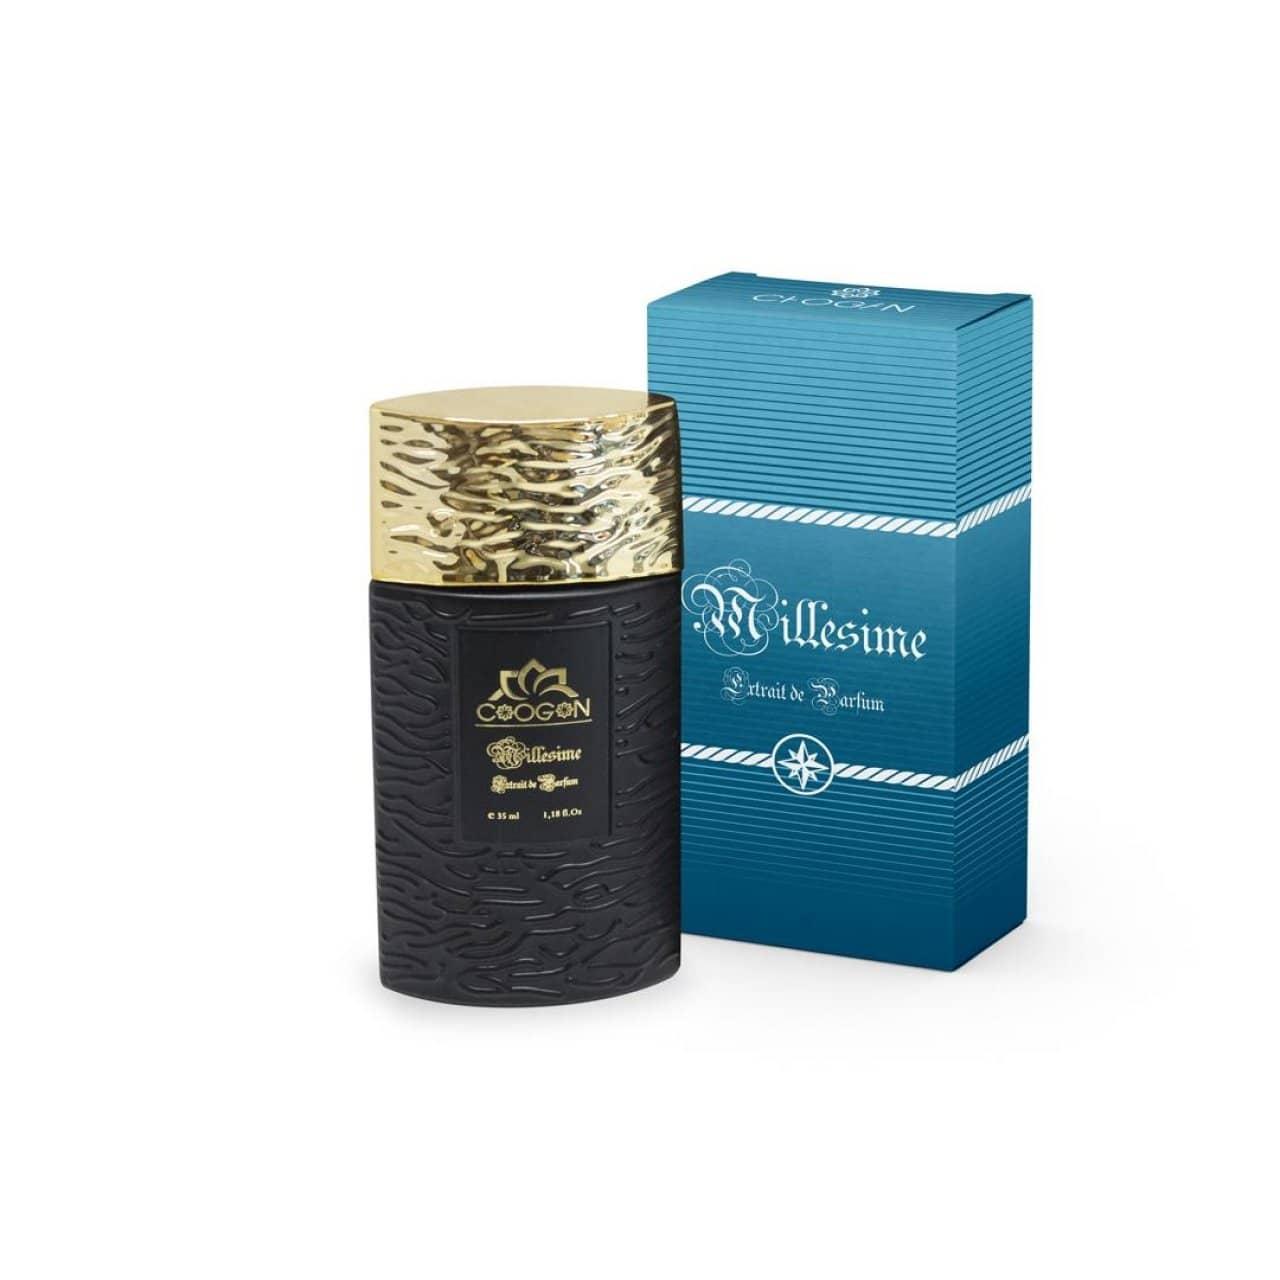 Parfum homme réf 016-35ml